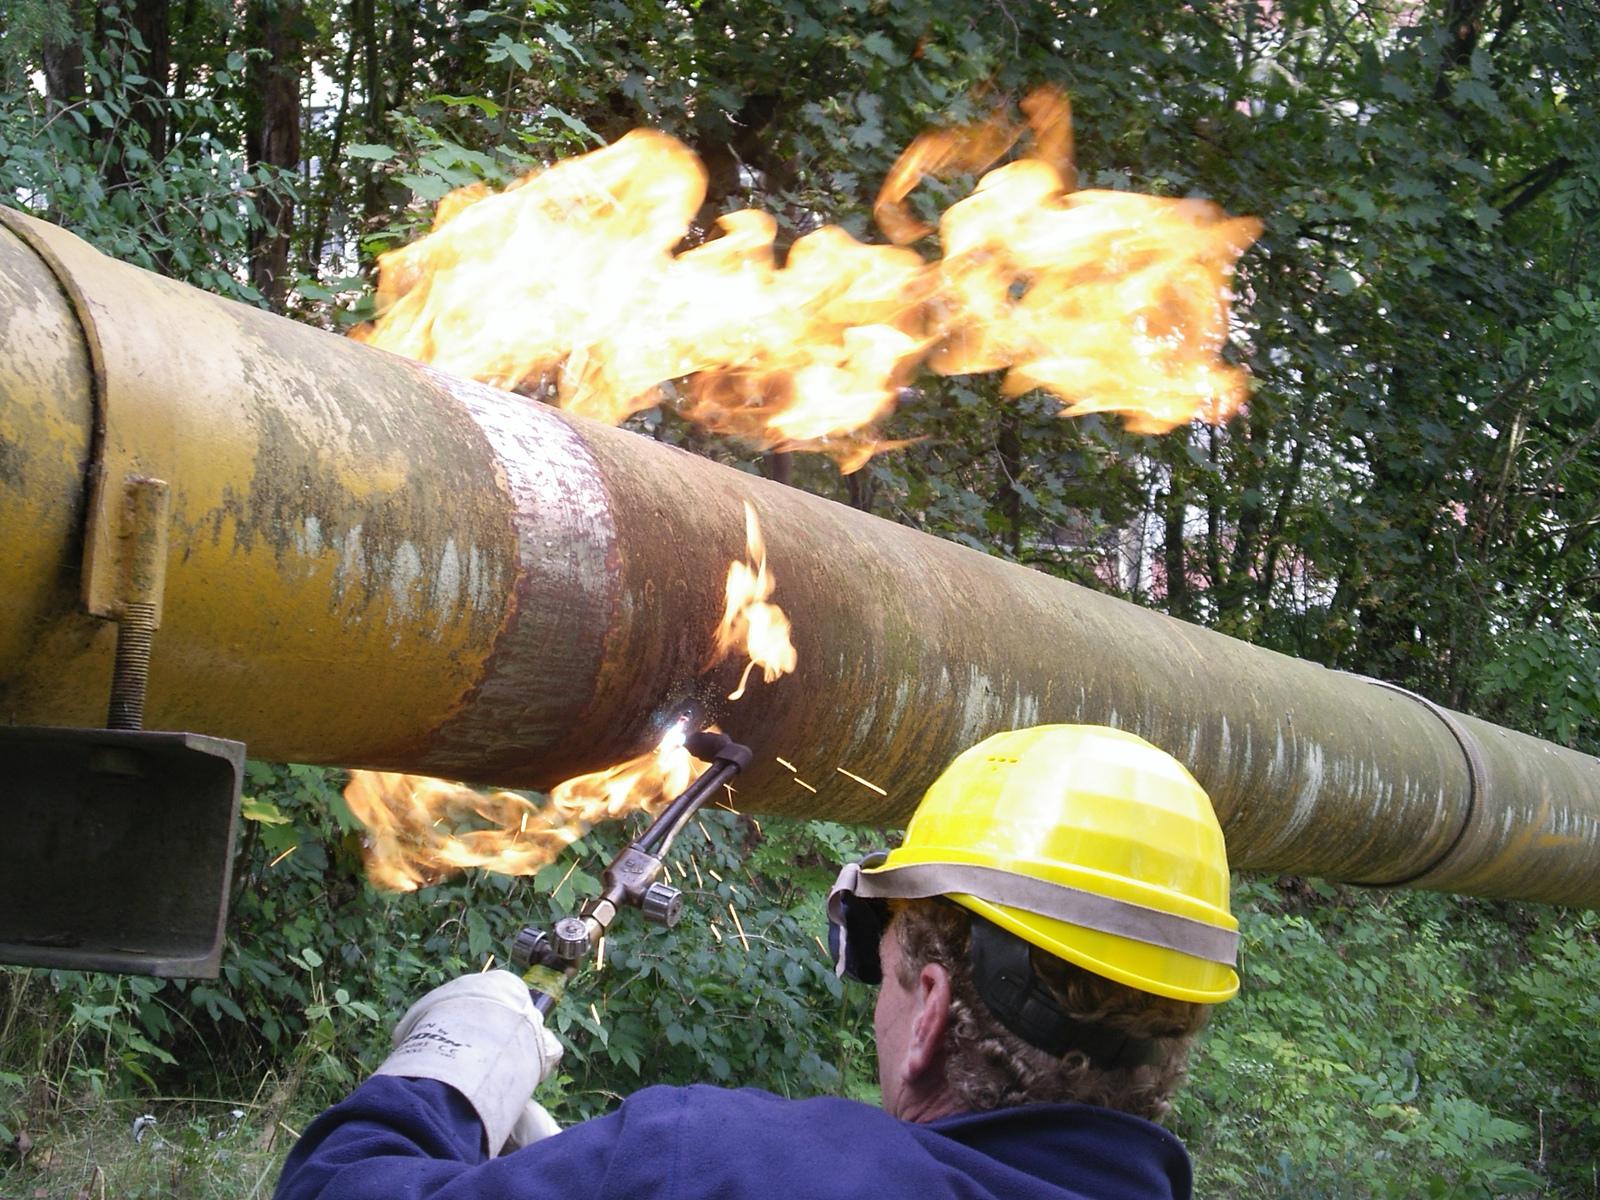 Opravy plynovodů, rekonstrukce plynových rozvodů